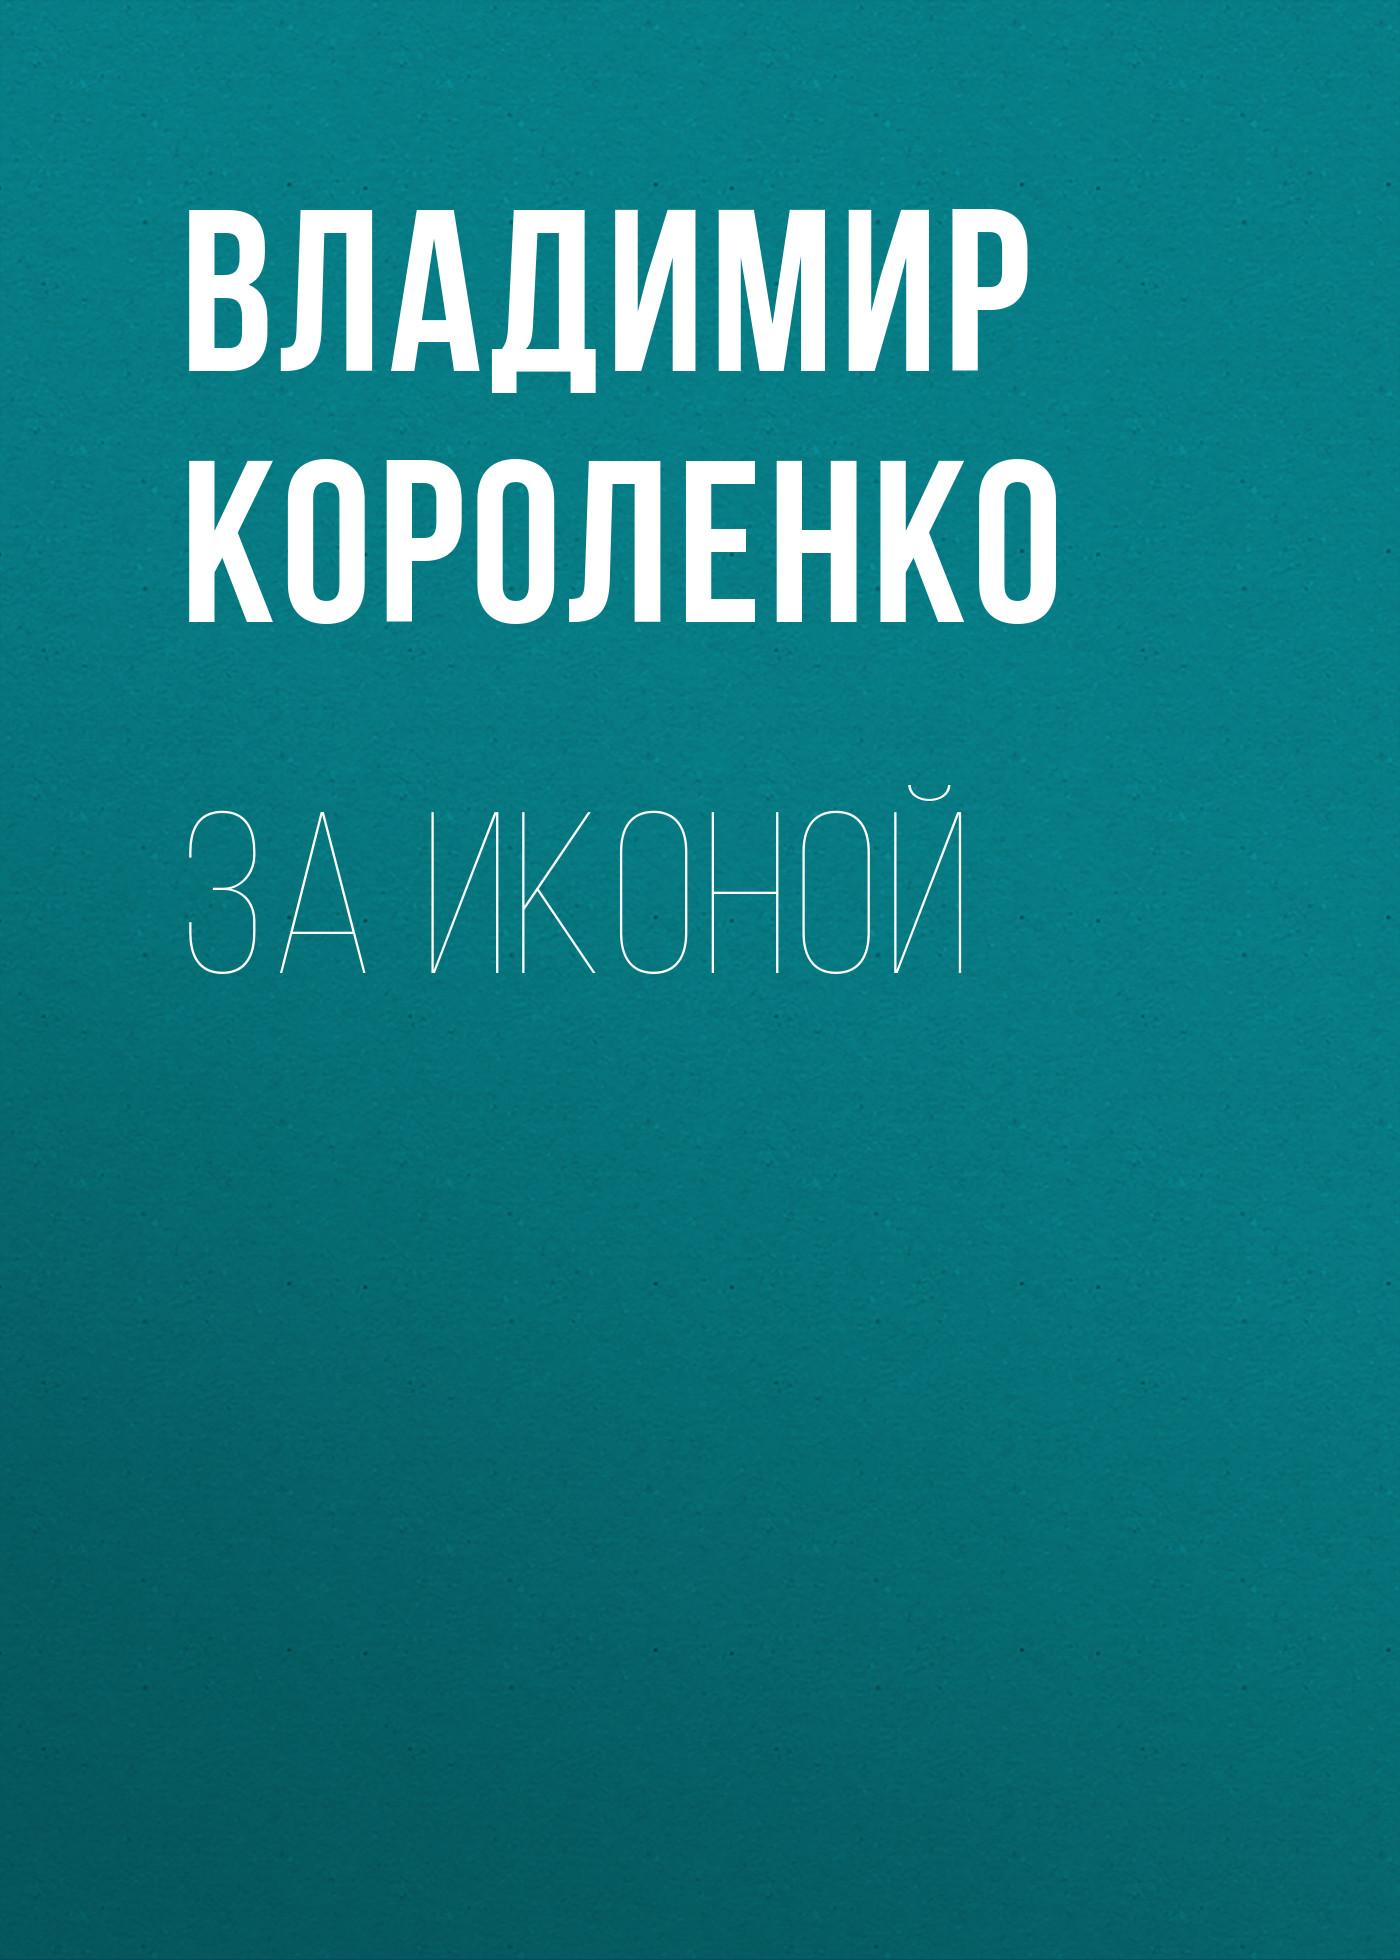 Купить книгу За иконой, автора Владимира Короленко